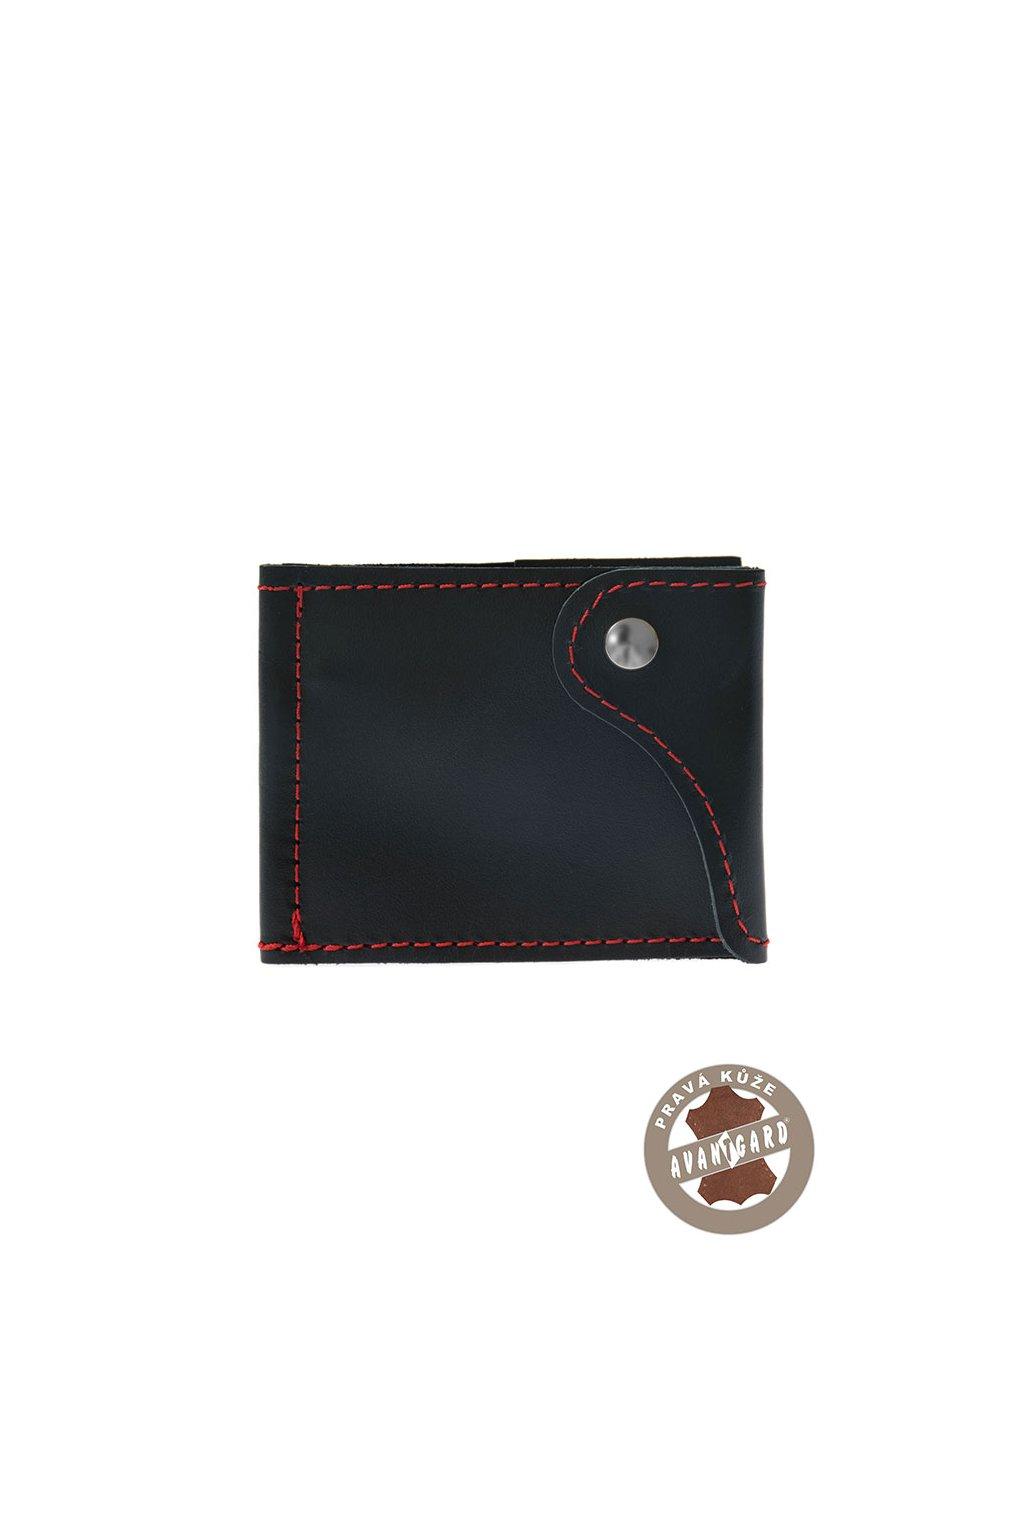 Pánská peněženka z pravé kůže modrá/červená 800 - 3112